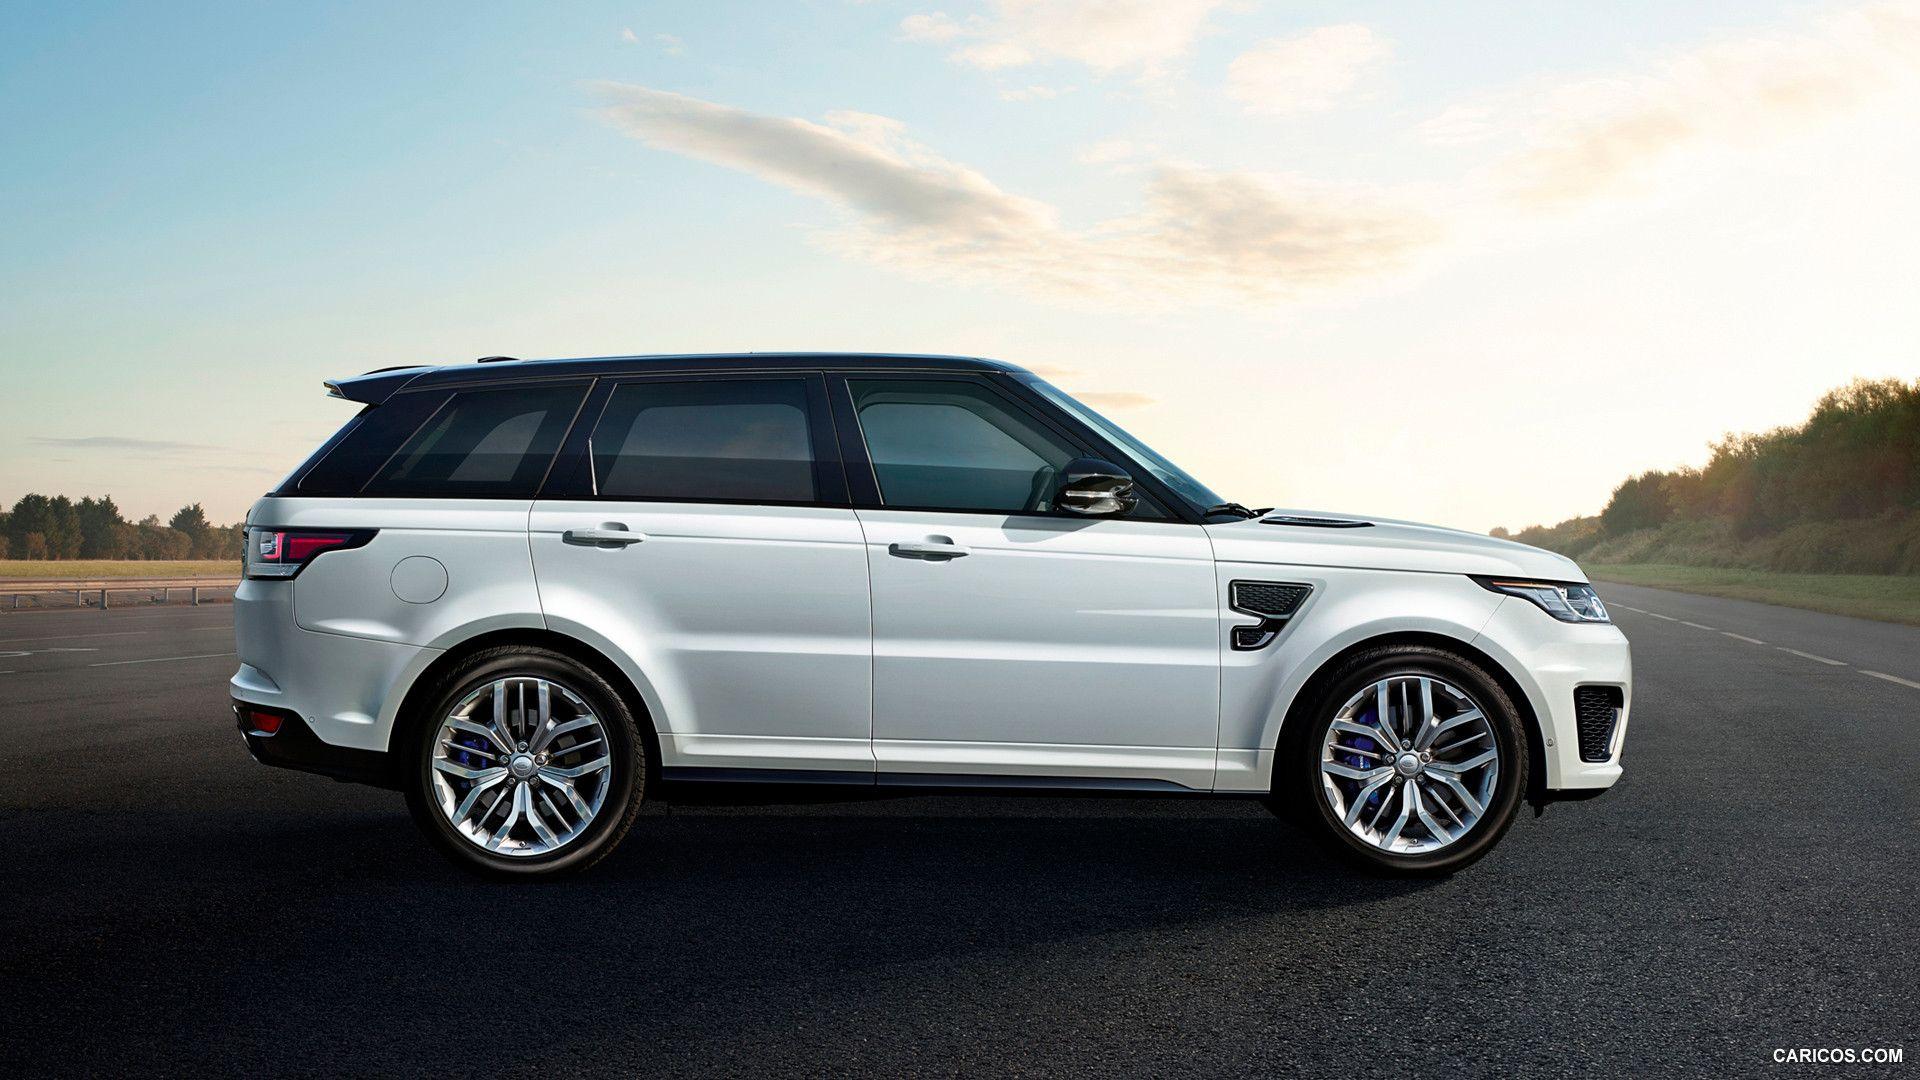 Hd wallpaper of cars - 2015 Range Rover 2015 Range Rover Sport Svr White Side Hd